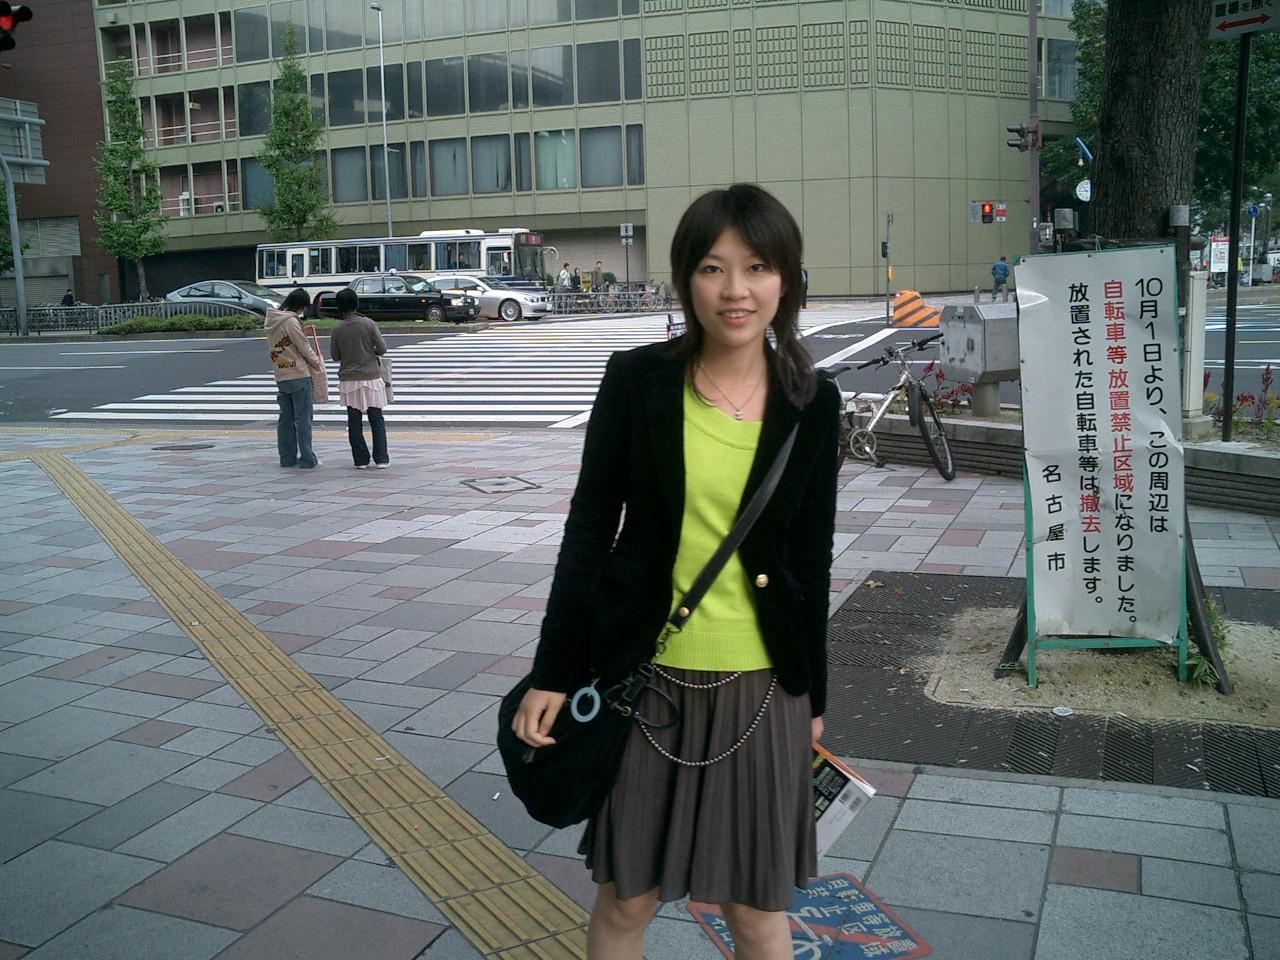 名古屋_a0060311_1640033.jpg